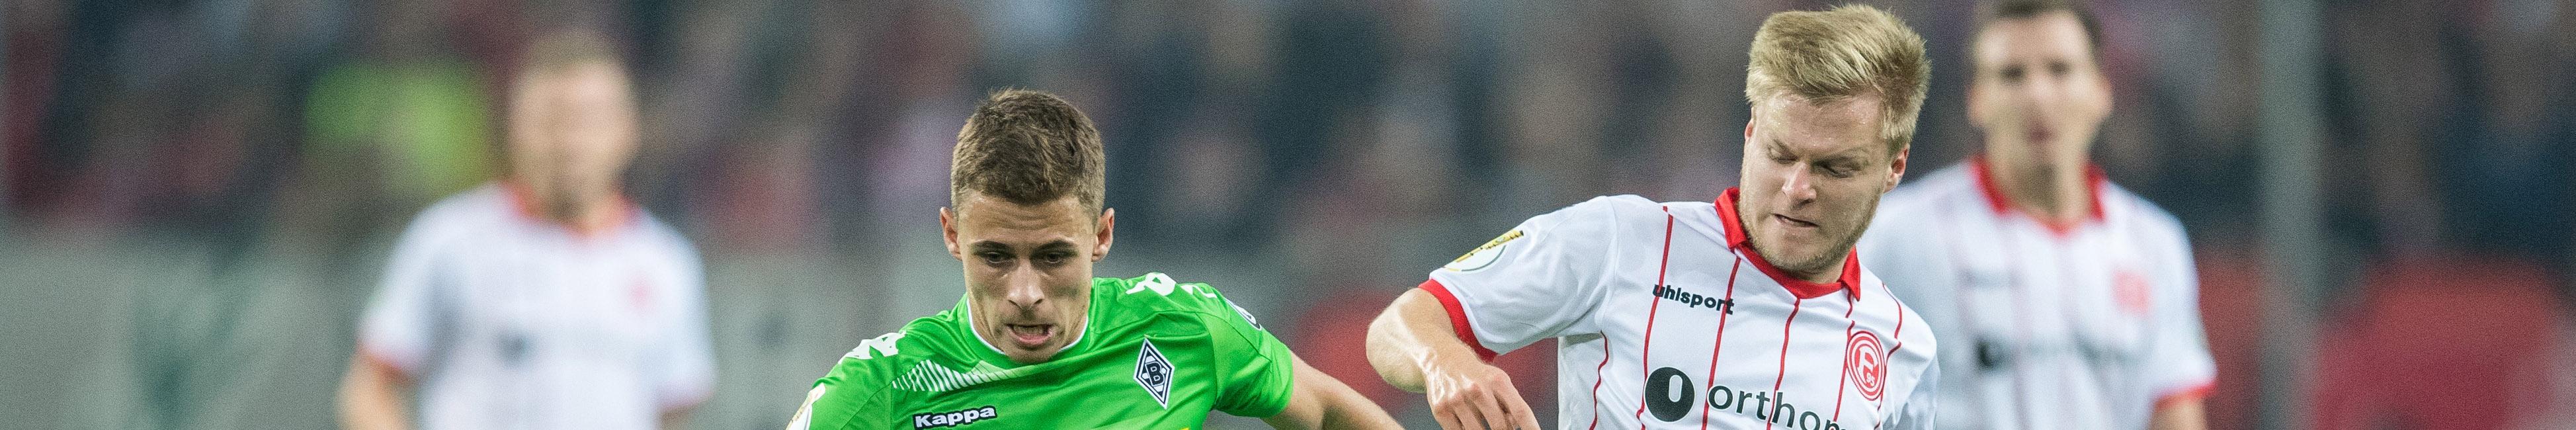 Borussia Mönchengladbach - Fortuna Düsseldorf: Derby mit klaren Vorzeichen